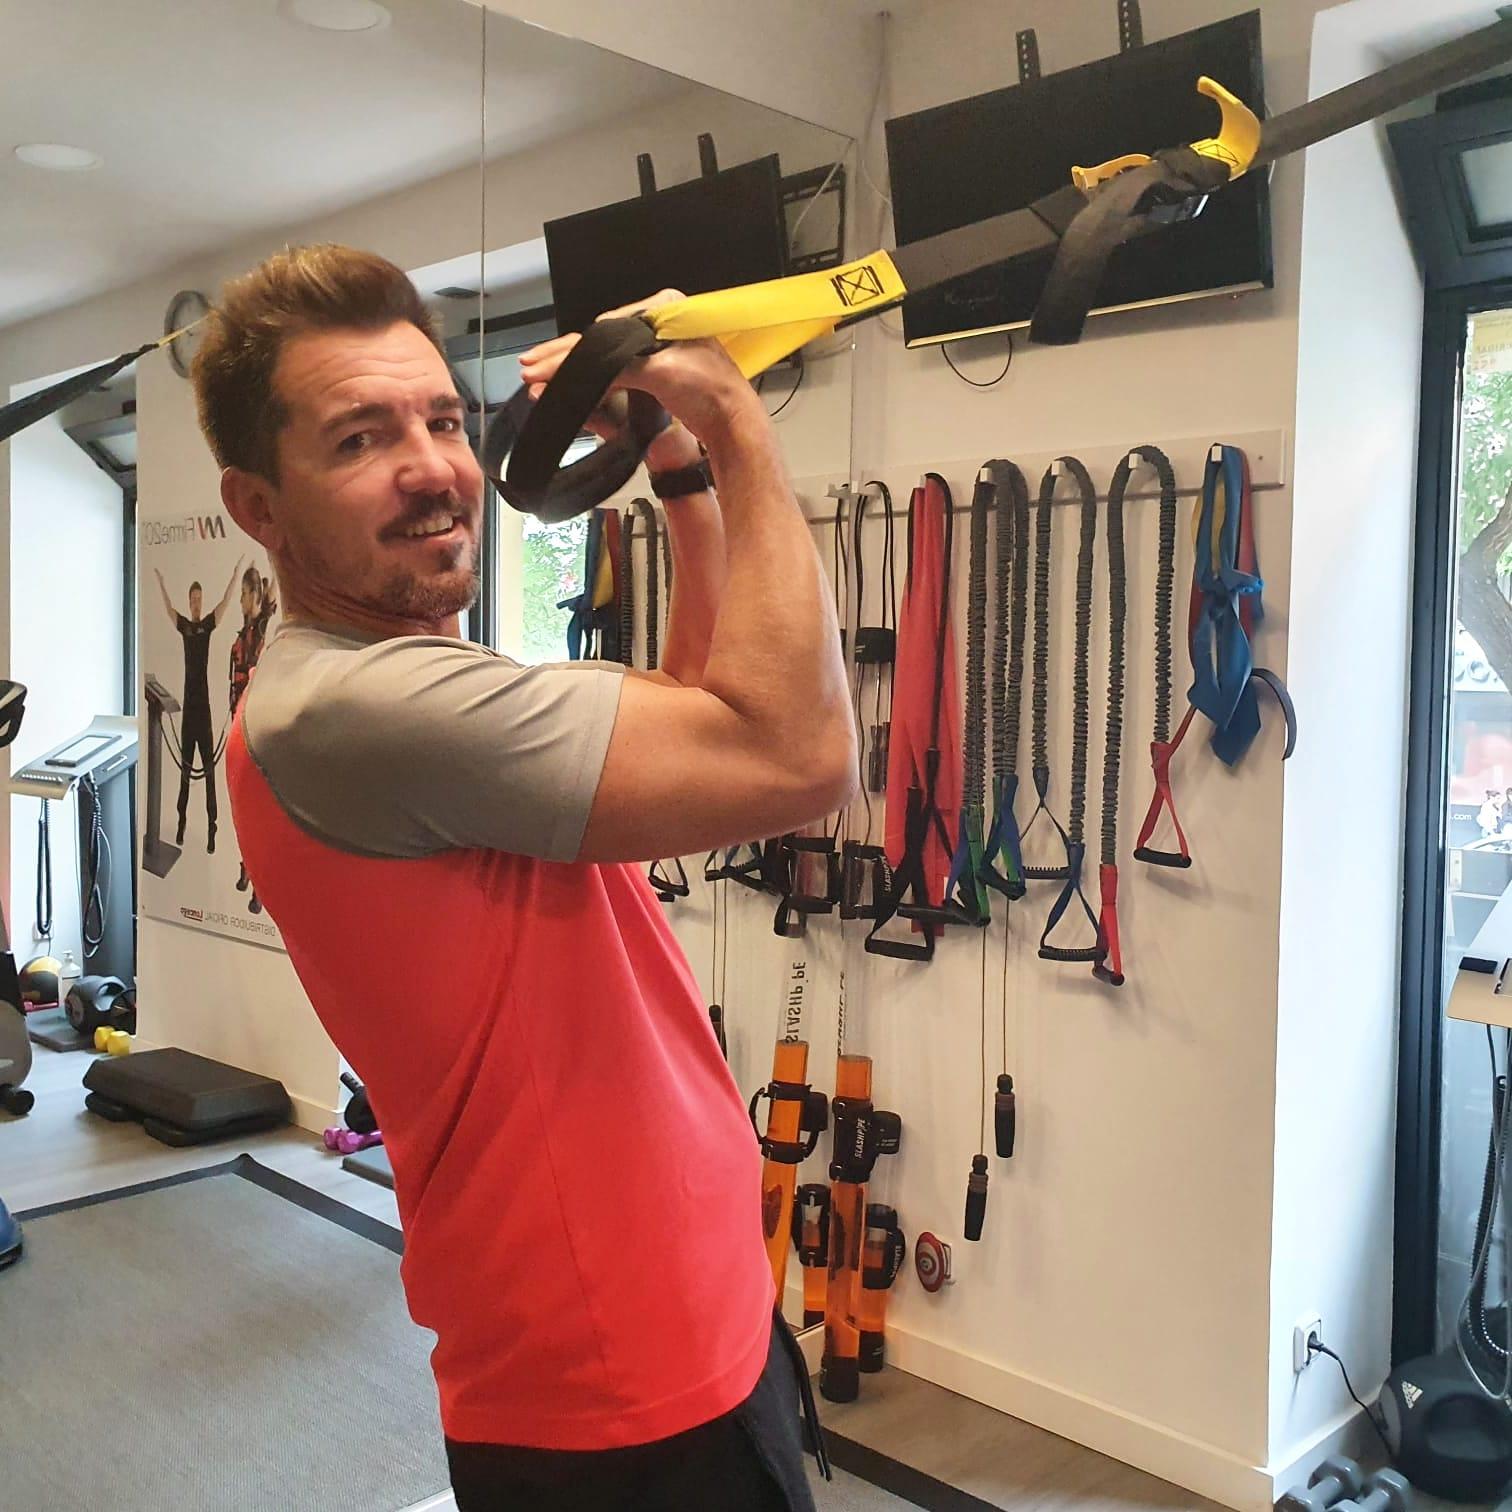 Cómo conseguir motivación para hacer ejercicio